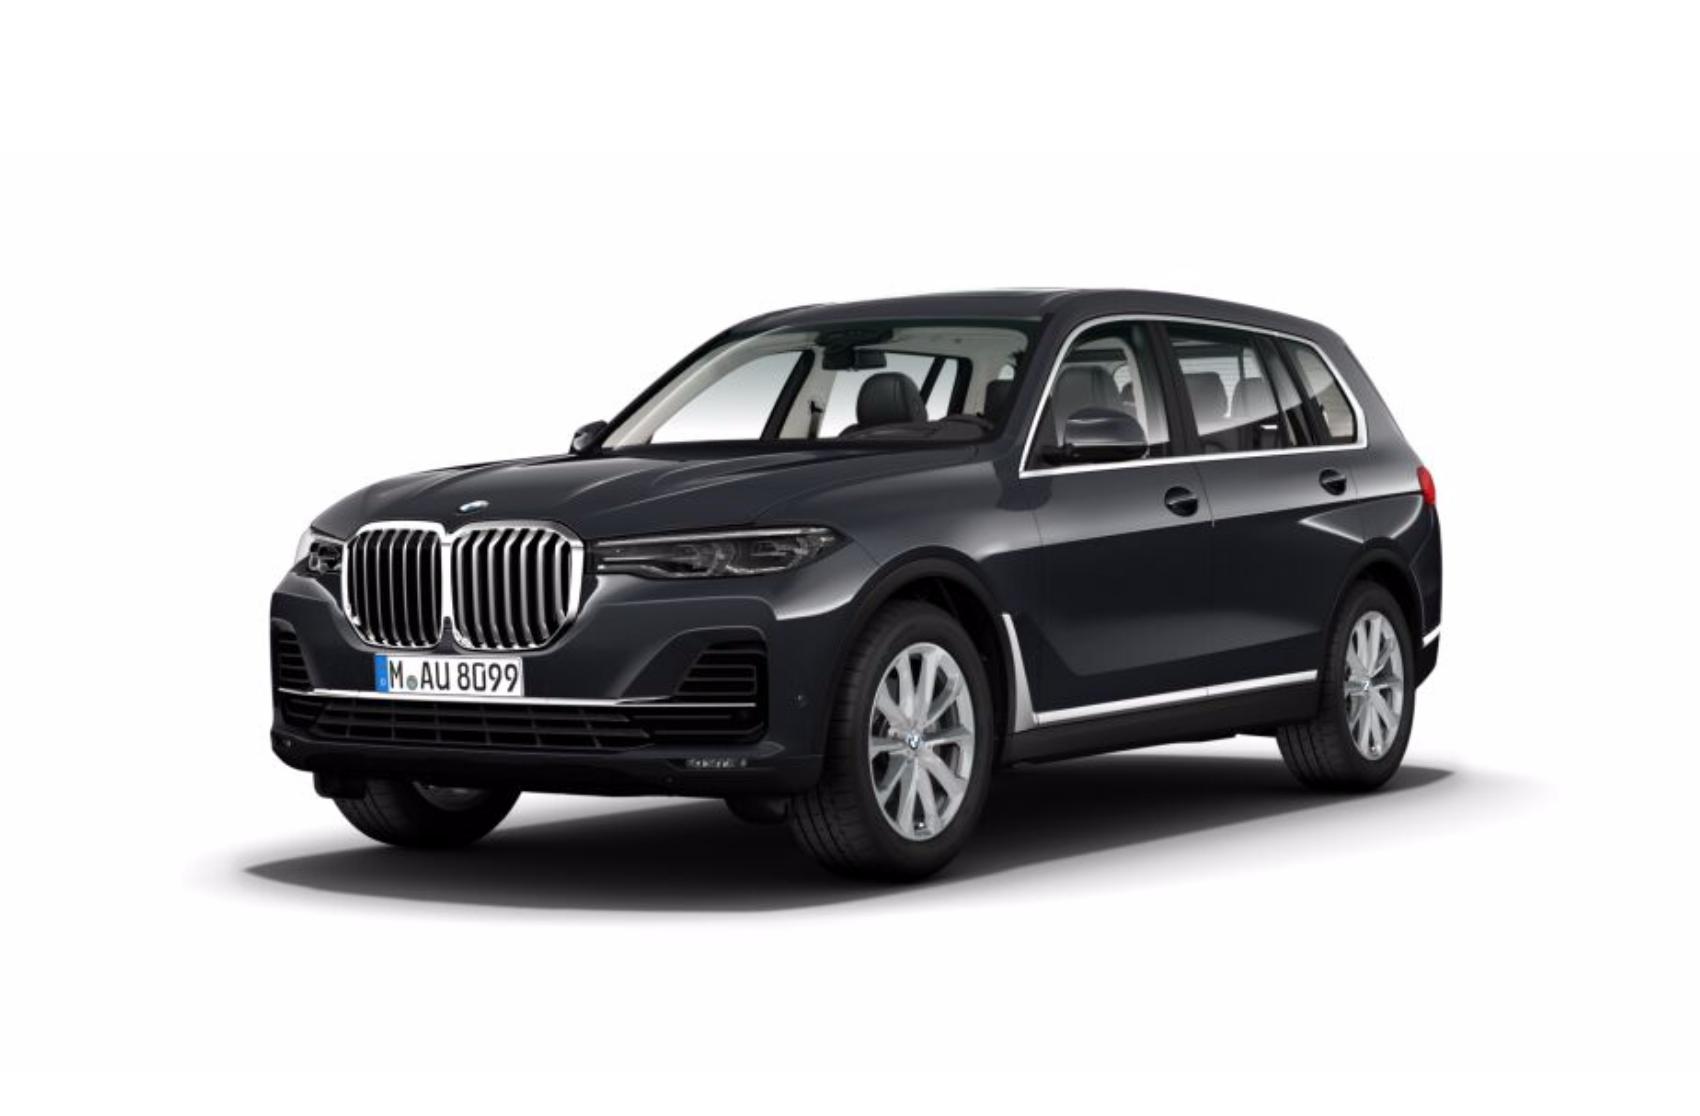 Ulaznica u svet X7 – BMW postavio konfigurator